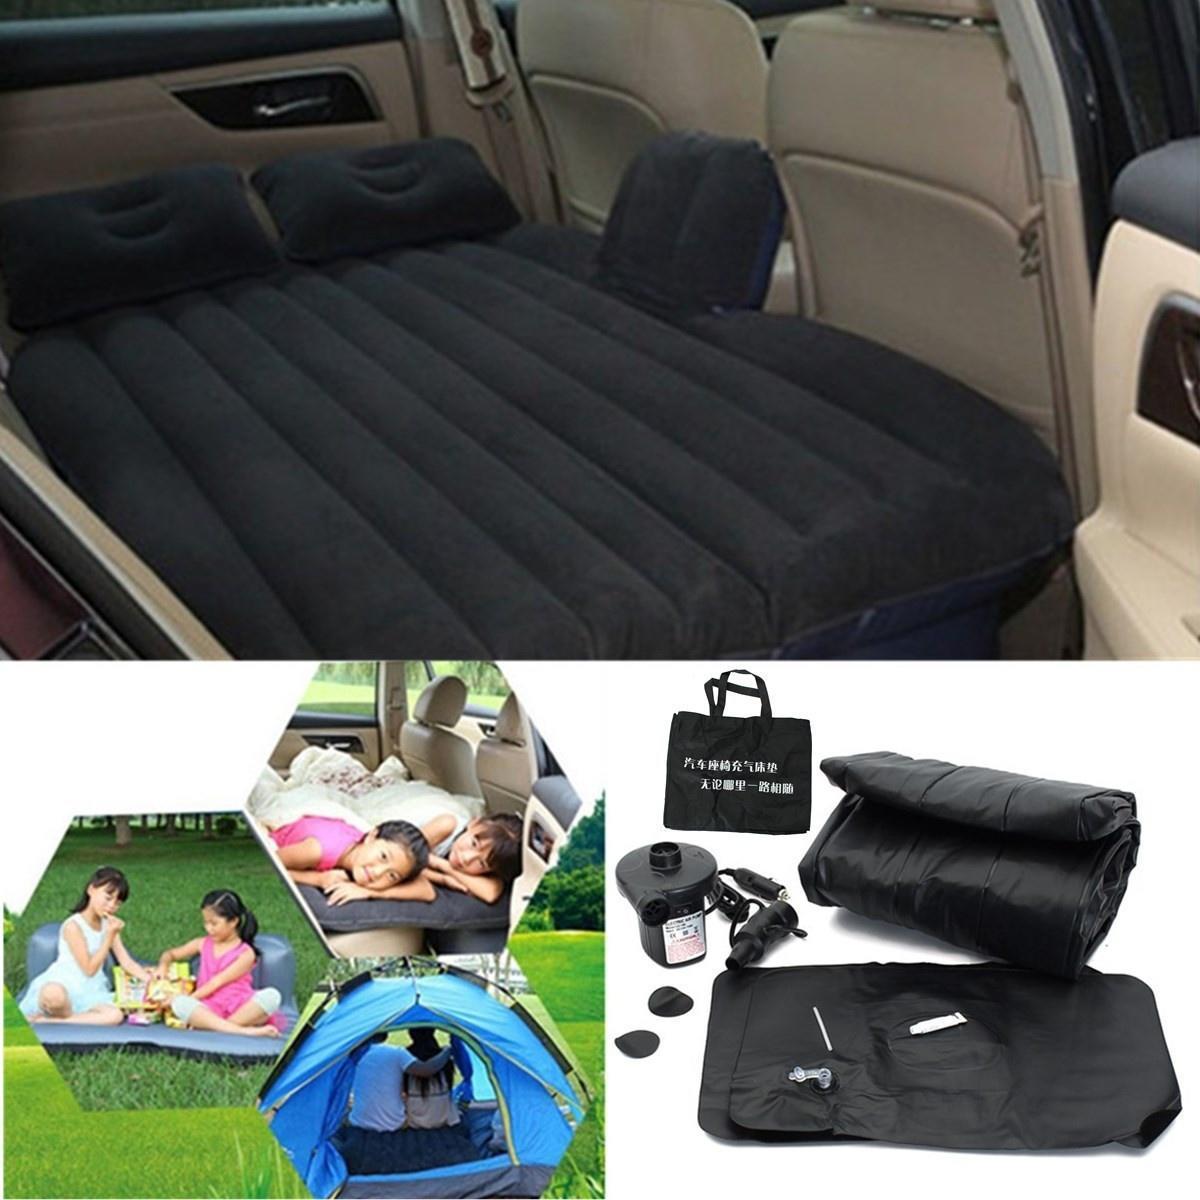 Надувные мобильные подушки сиденья сна отдыха матрас воздуха кровати открытый диван циновки автом...